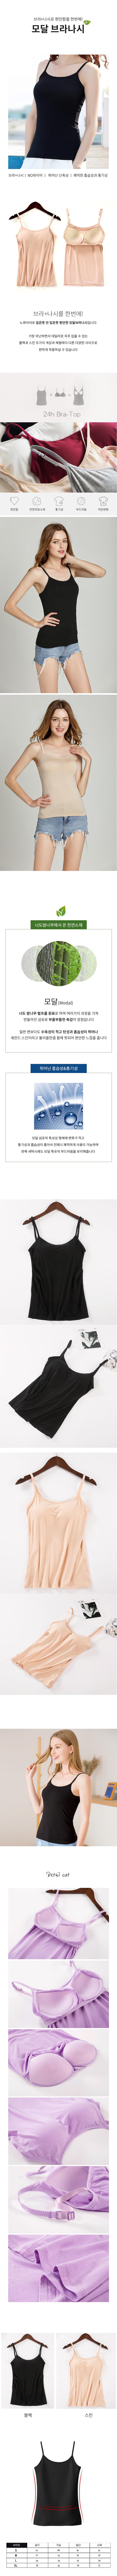 갓샵 모달 브라 캡 내장 나시 S-XL 여자 면 끈 런닝 - 갓샵, 9,900원, 여성 이너웨어, 캐미솔/런닝